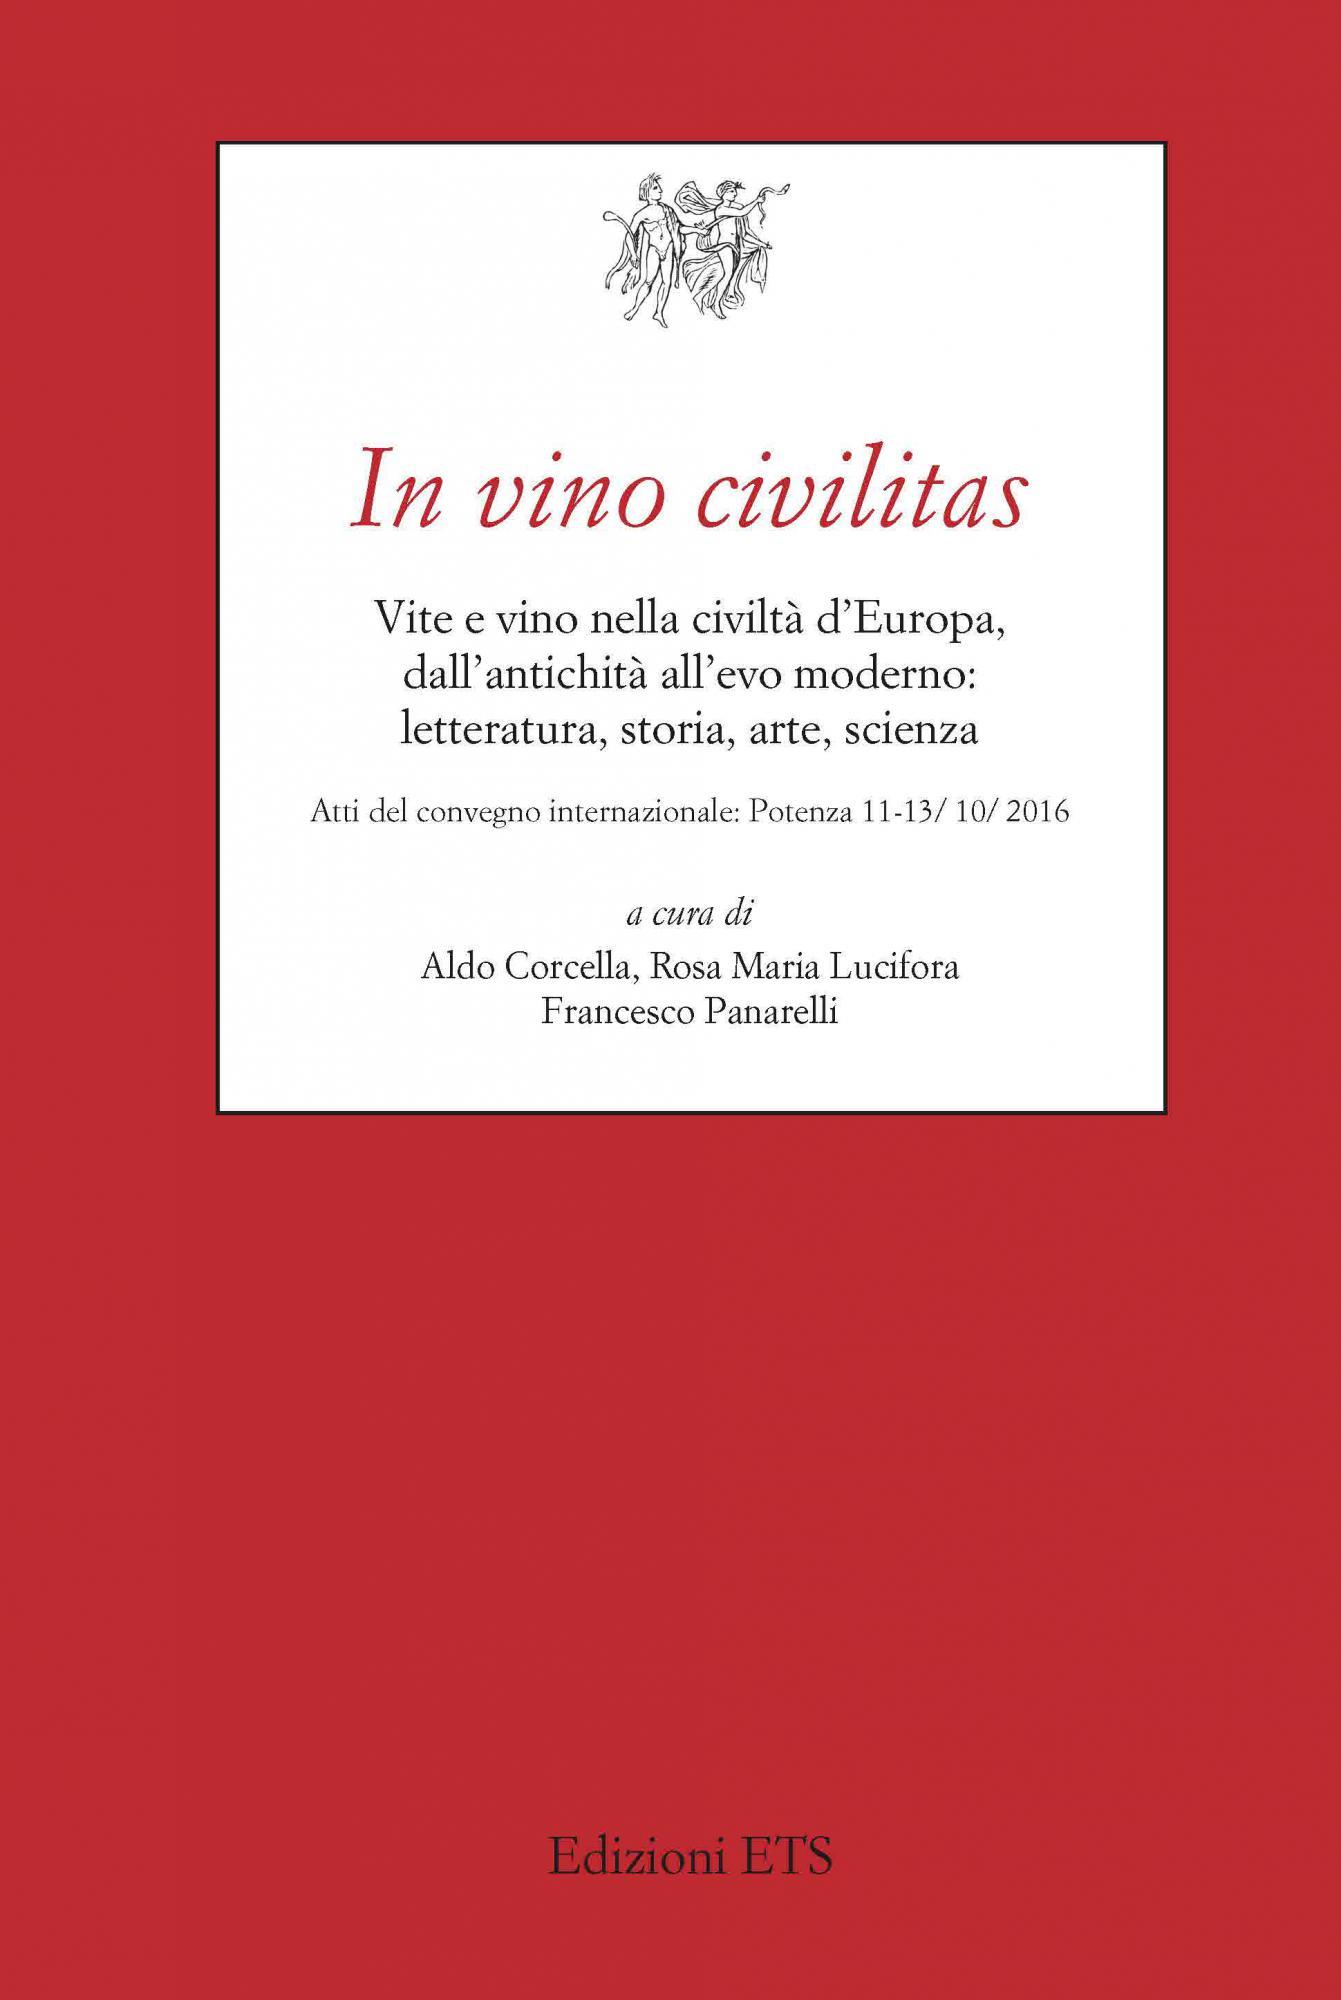 In vino civilitas.Vite e vino nella civiltà d'Europa, dall'antichità all'evo moderno: letteratura, storia, arte, scienza